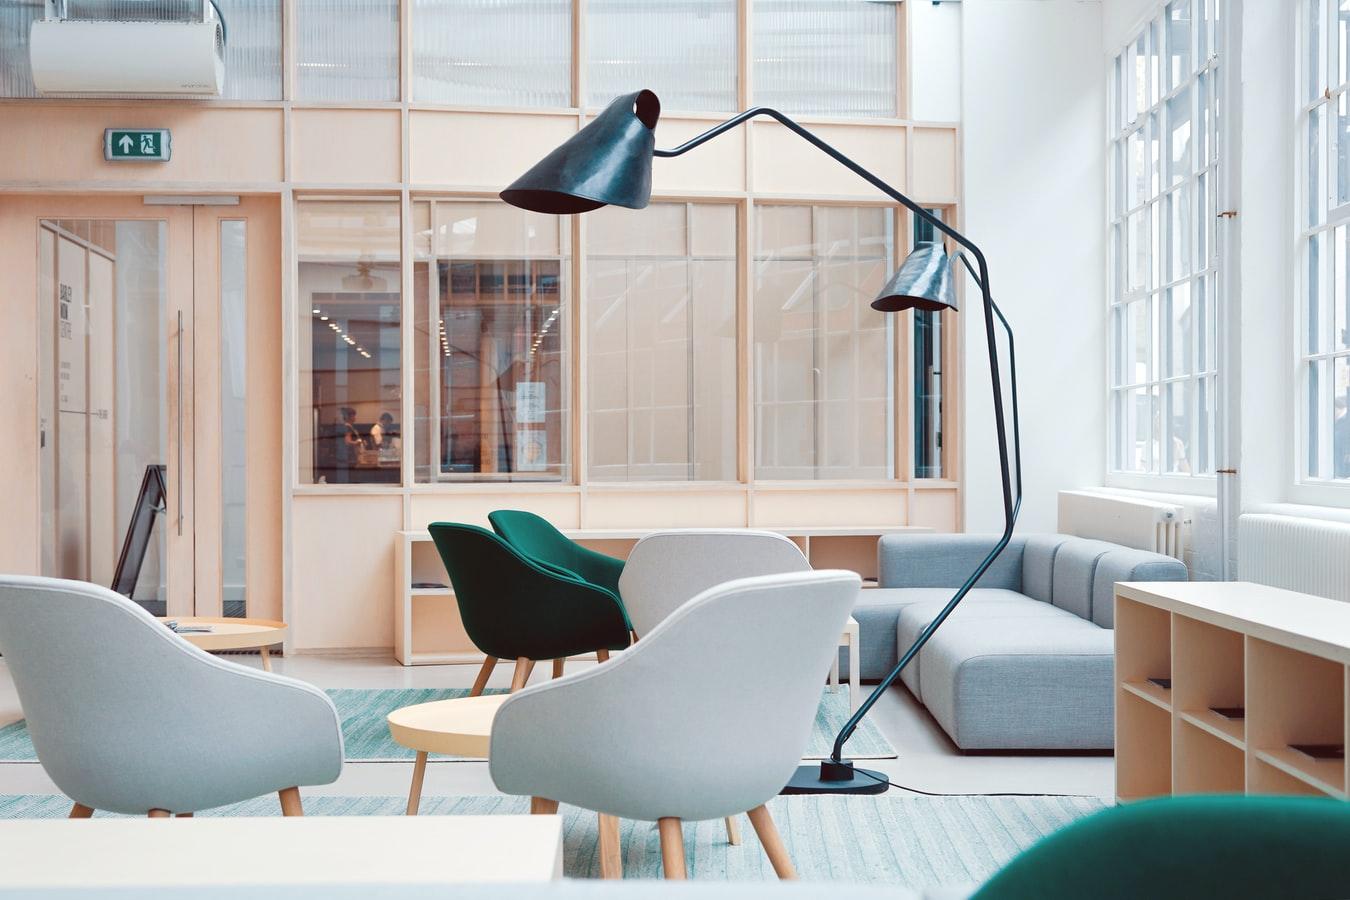 Un bureau avec des fauteuils et un coin salon.